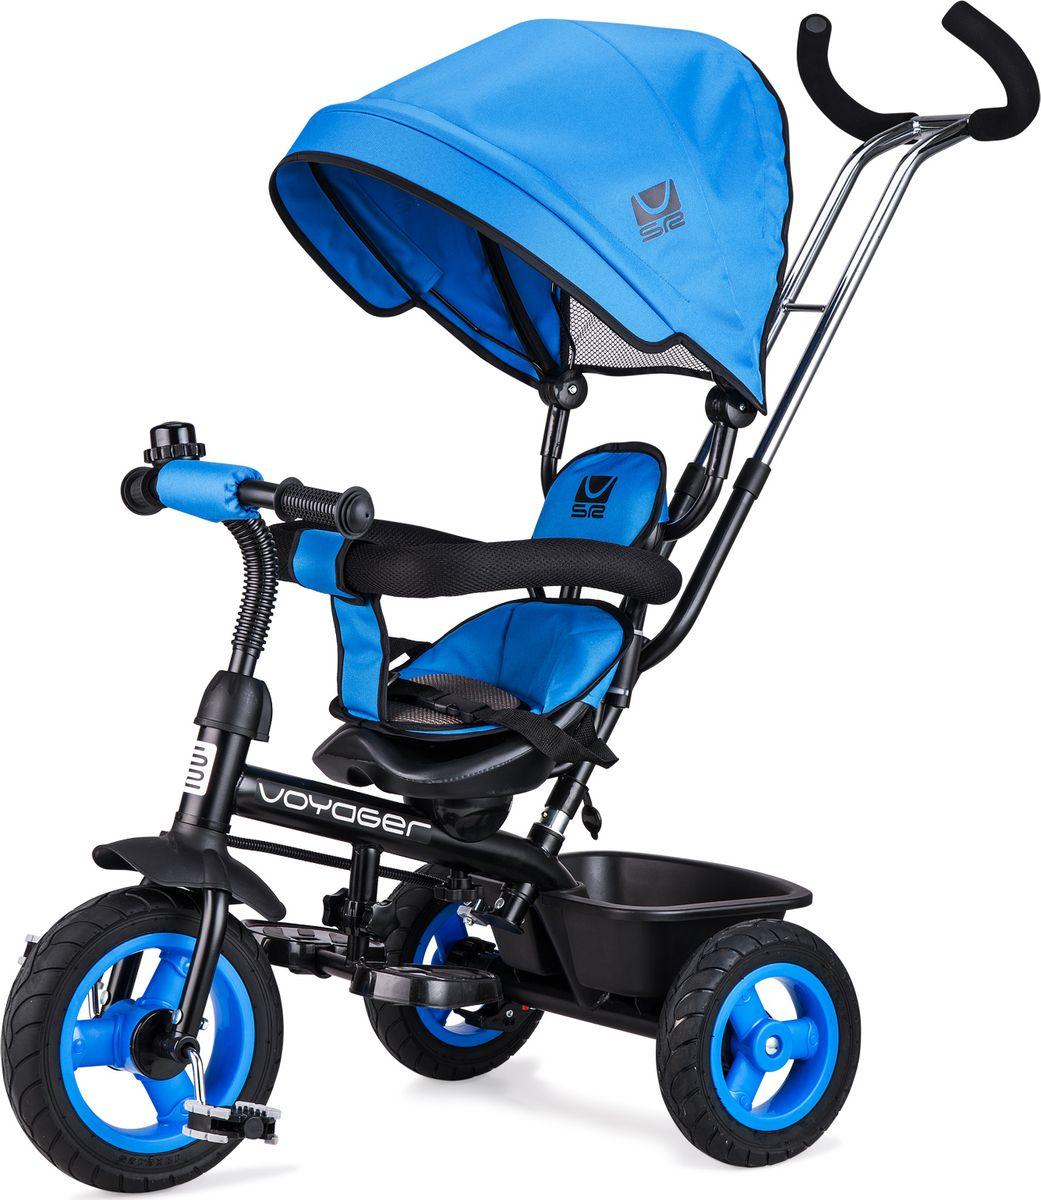 Small Rider Велосипед трехколесный Voyager цвет синий1269046Превратите каждую прогулку в Вояж или Путешествие! Смолл Райдер Вояджер - это комфортный трехколесный велосипед нового поколения, воплотивший в себе все современные функции и высокие требования к комфорту ребенка. Стильный дизайн европейского уровня. Трехколесный велосипед является и детским транспортом, и модным аксессуаром, подчеркивающим Ваш стиль на прогулке. Красота линий велосипеда радует глаз, акцентирует фокус на легкости и спортивности, воплощает лаконичность и изящество формы. Бескамерные покрышки. Колеса у велосипеда имеют специальные бескамерные покрышки, которые по внешнему виду и ощущениям абсолютно идентичны надувным, но при этом не требуют подкачки и не прокалываются. Колесо все время как бы максимально накачано. Это современный тип колес, который объединил в себе все преимущества надувных и ПВХ колес, ведь колеса катятся плавно и мягко, не требуя ухода в будущем. Элегантные матовые диски смотрятся премиально и основательно. ...